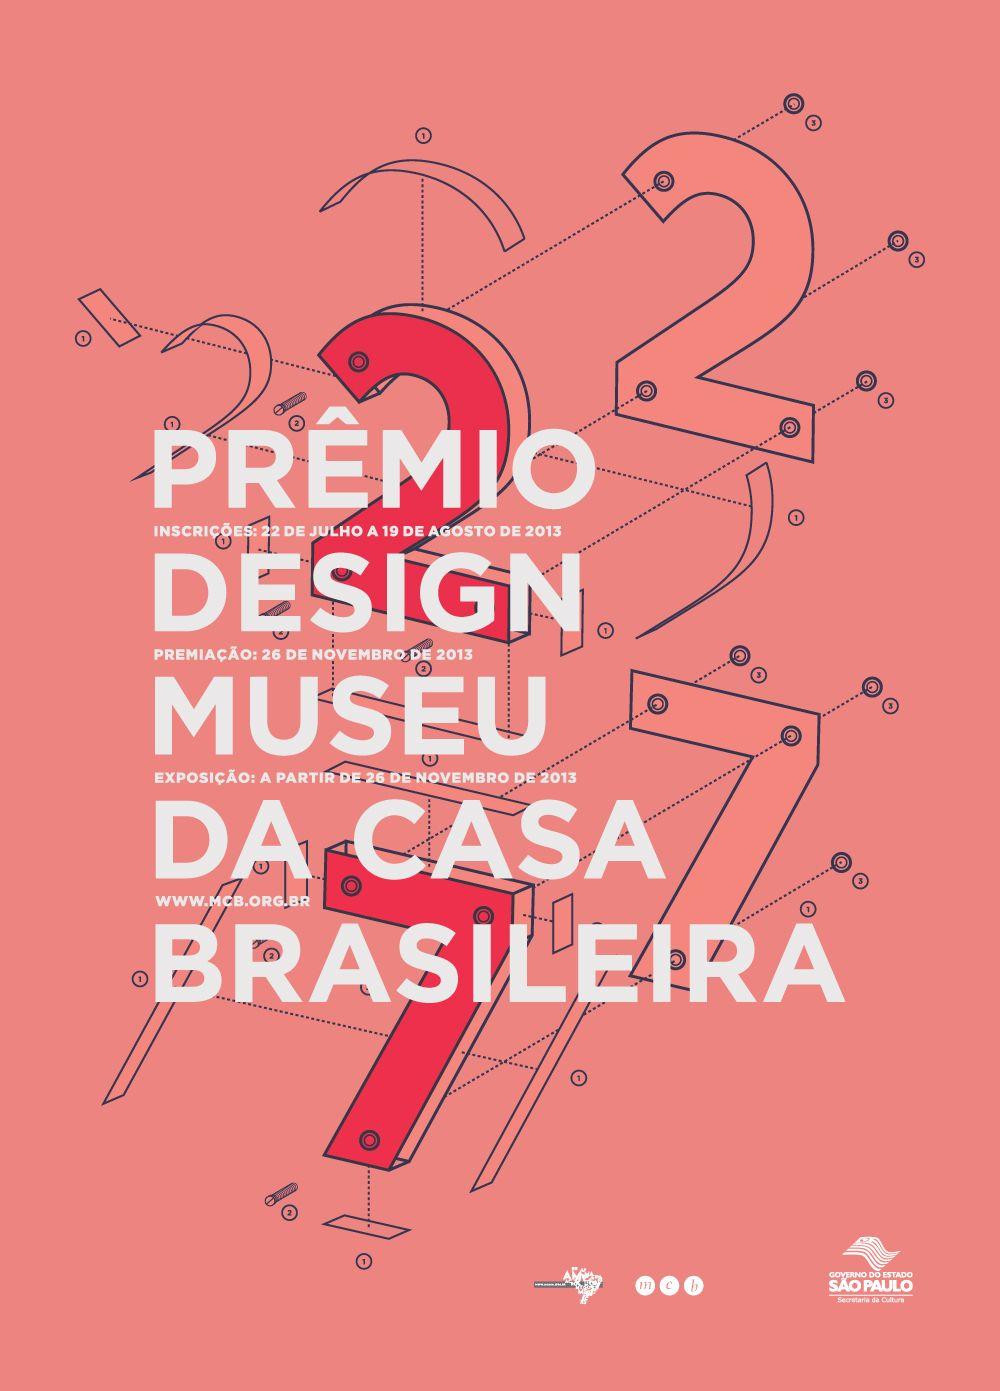 Plakat | Graphic design & logos | Pinterest | Plakate